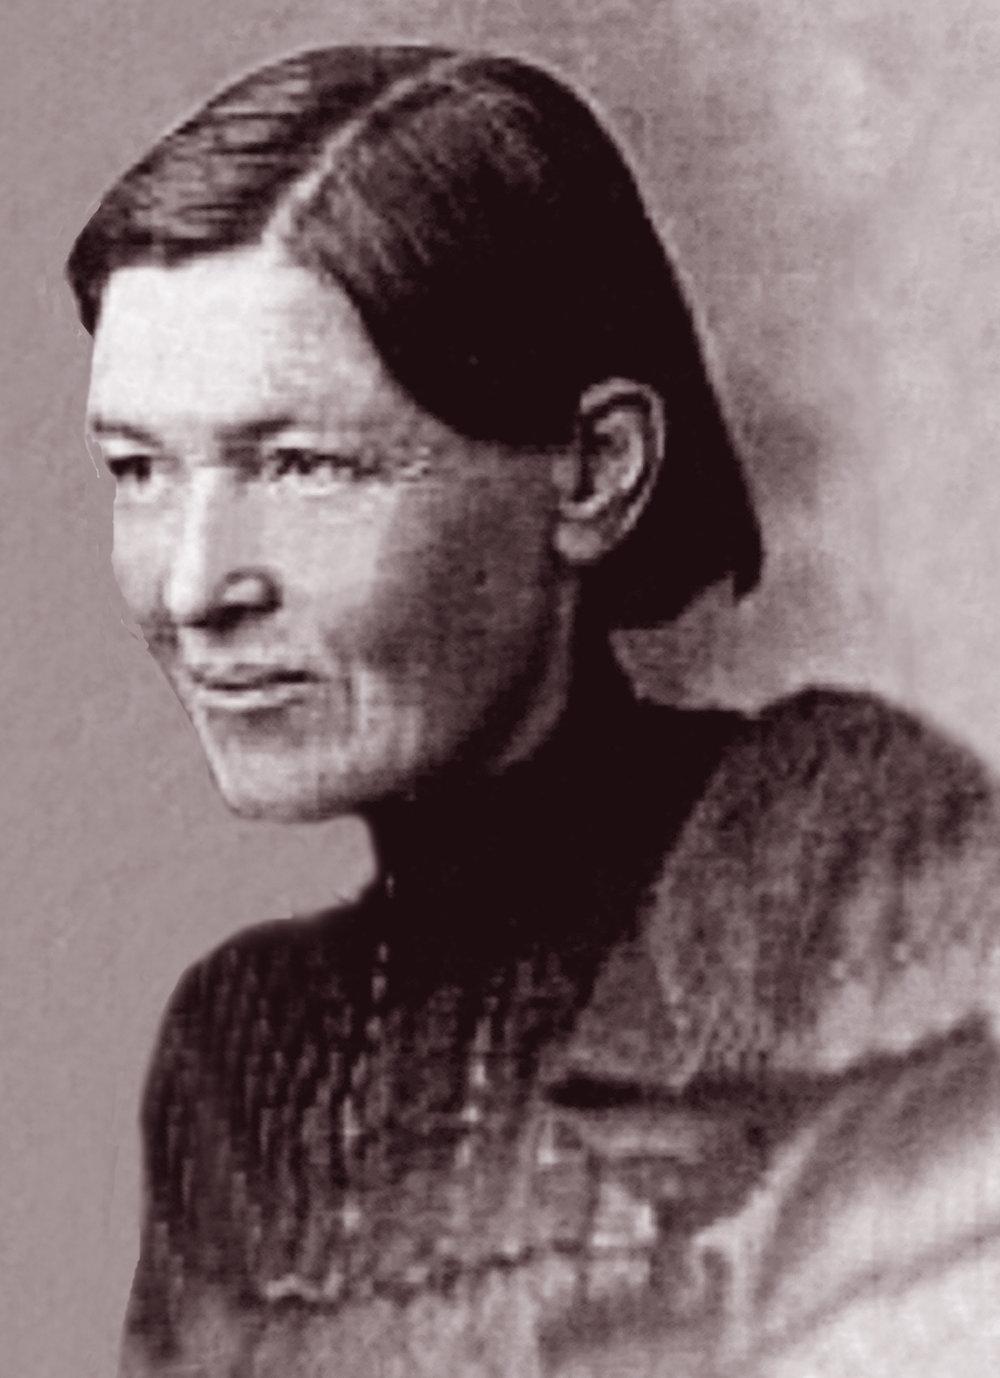 Mary Slessor (1848-1915)